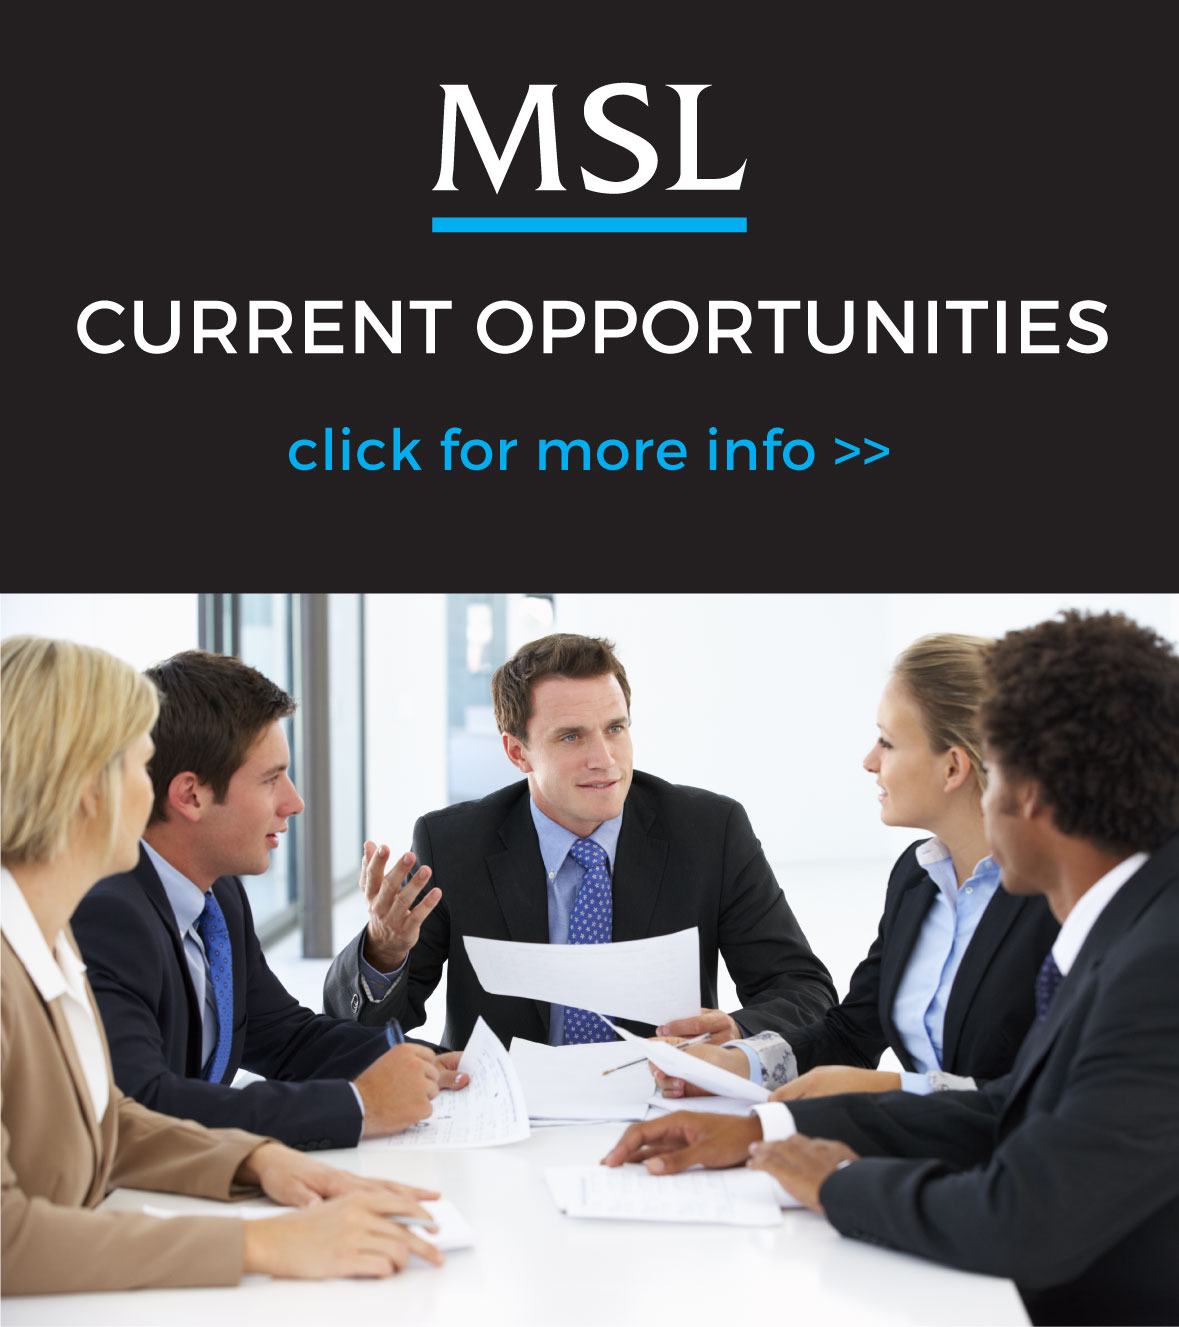 MSL JOB OPENINGS